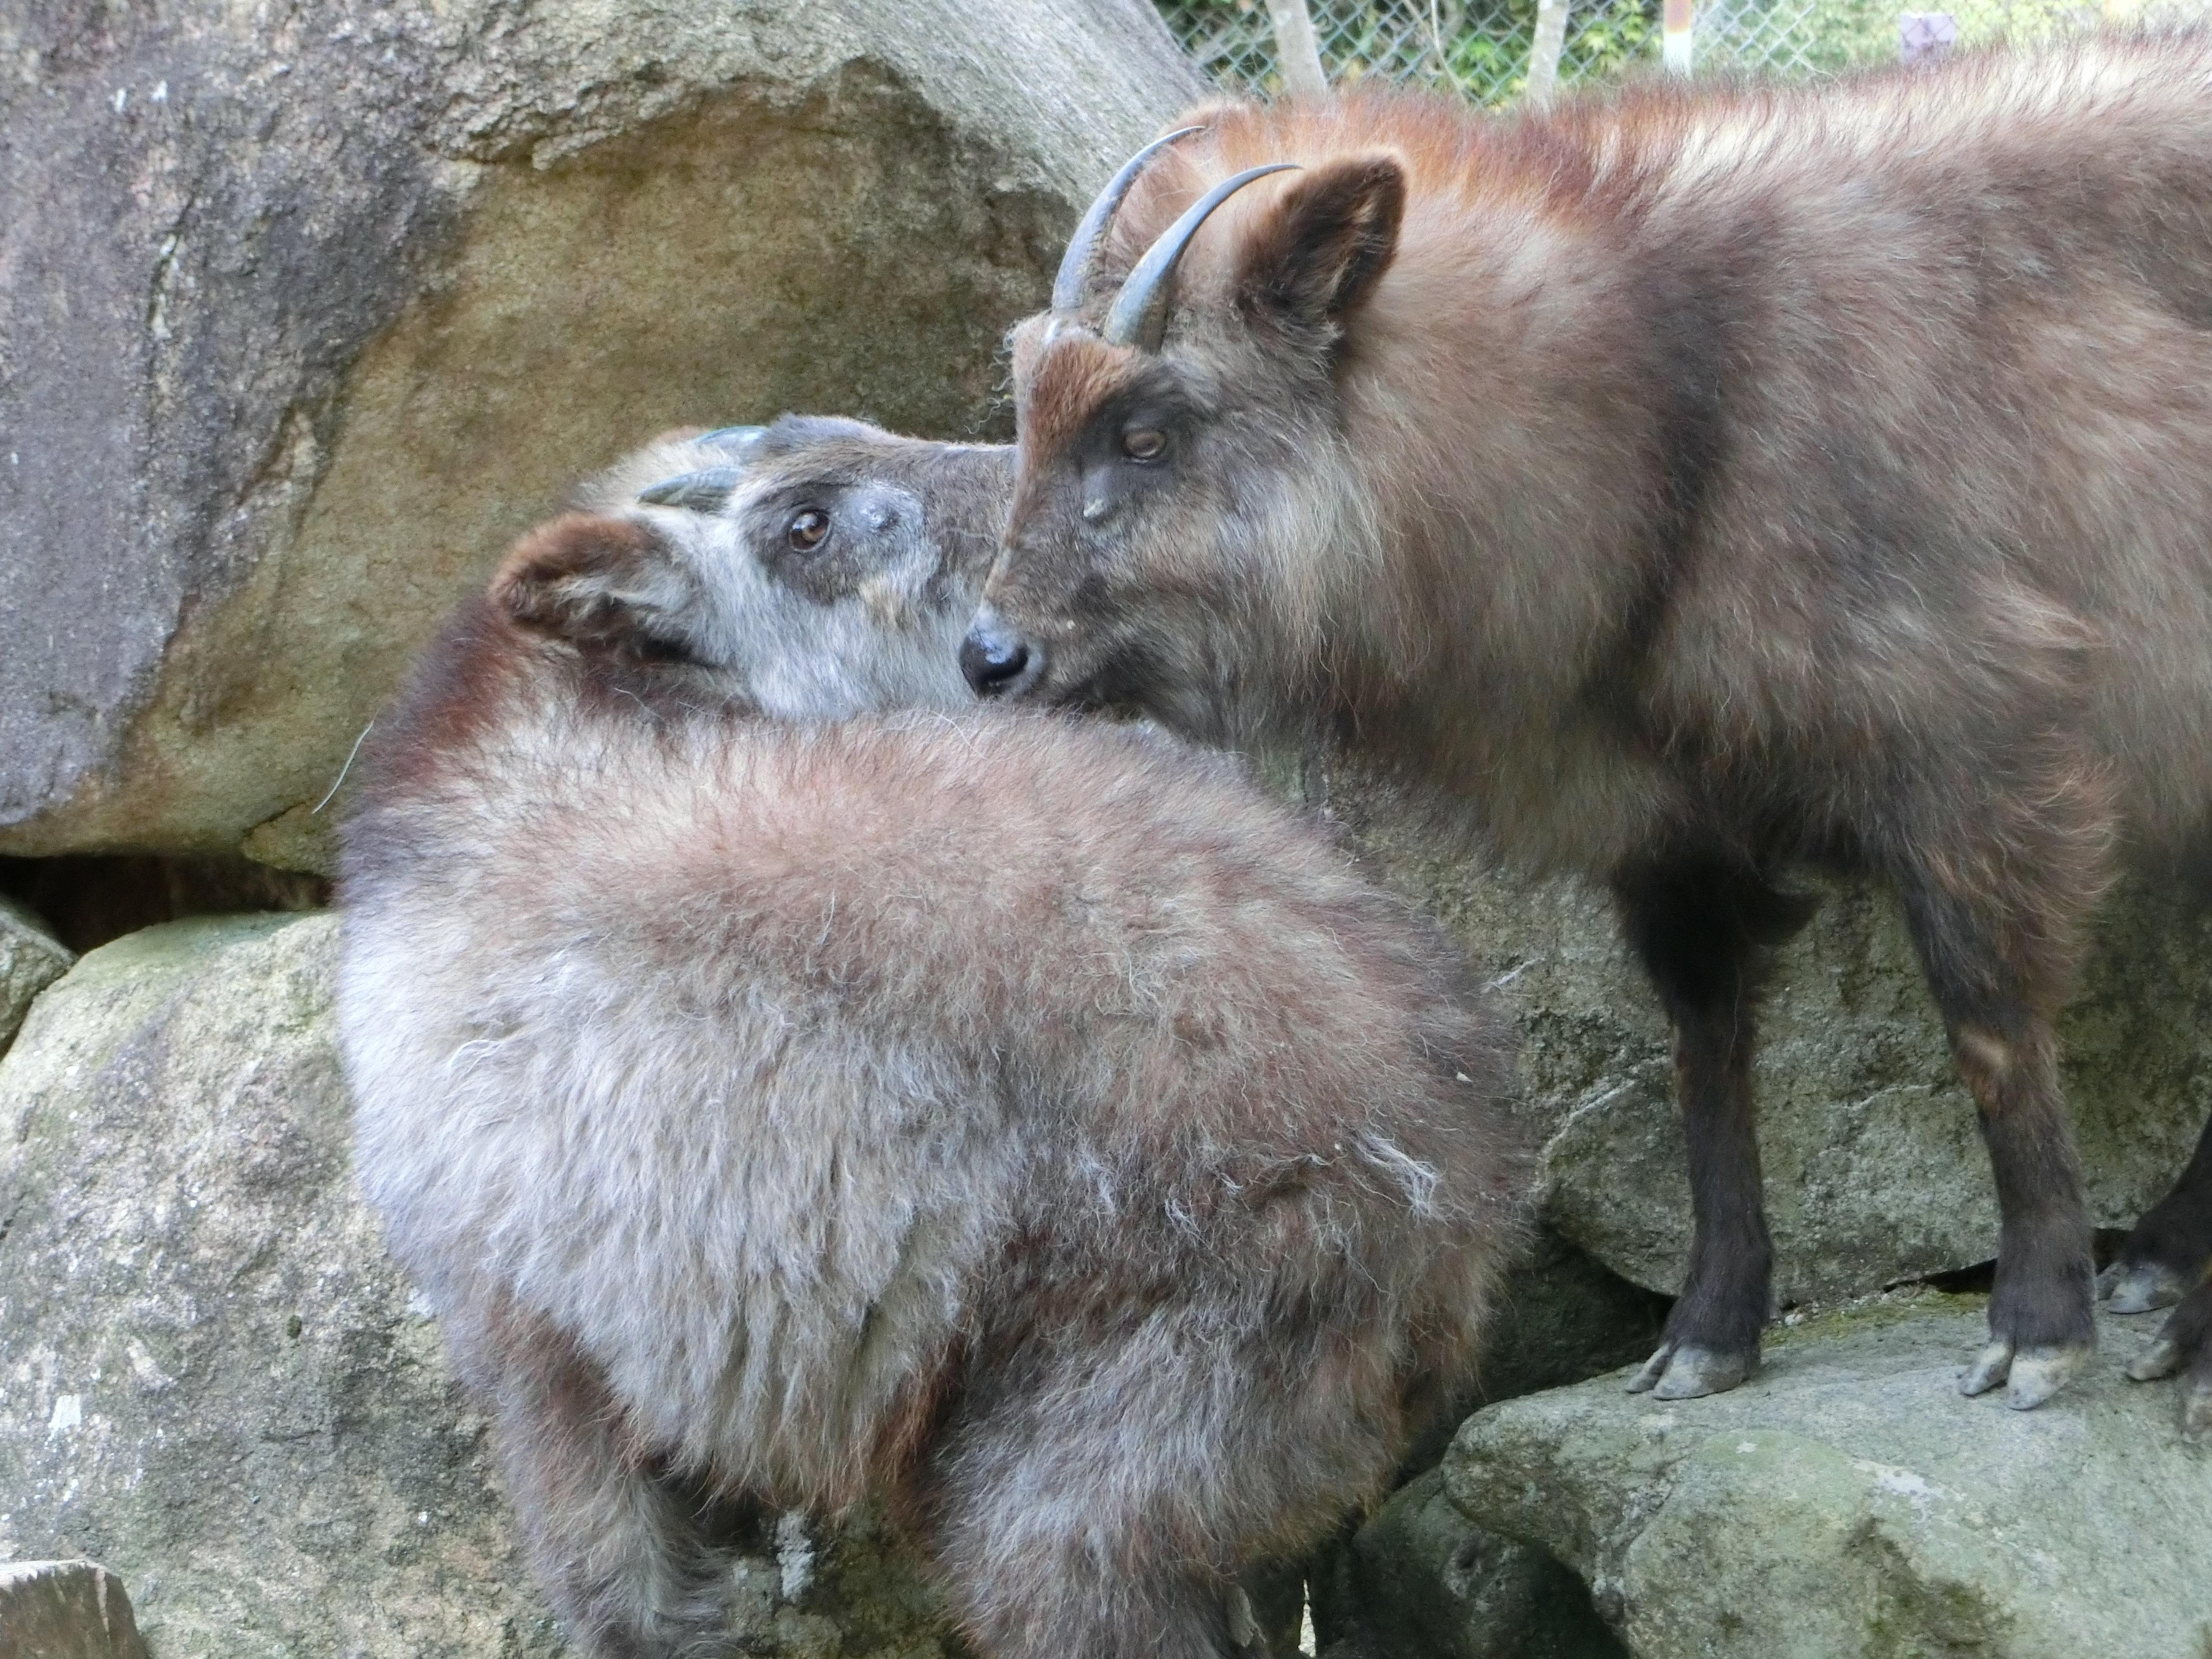 http://www.asazoo.jp/animal/blog/CIMG6261.JPG